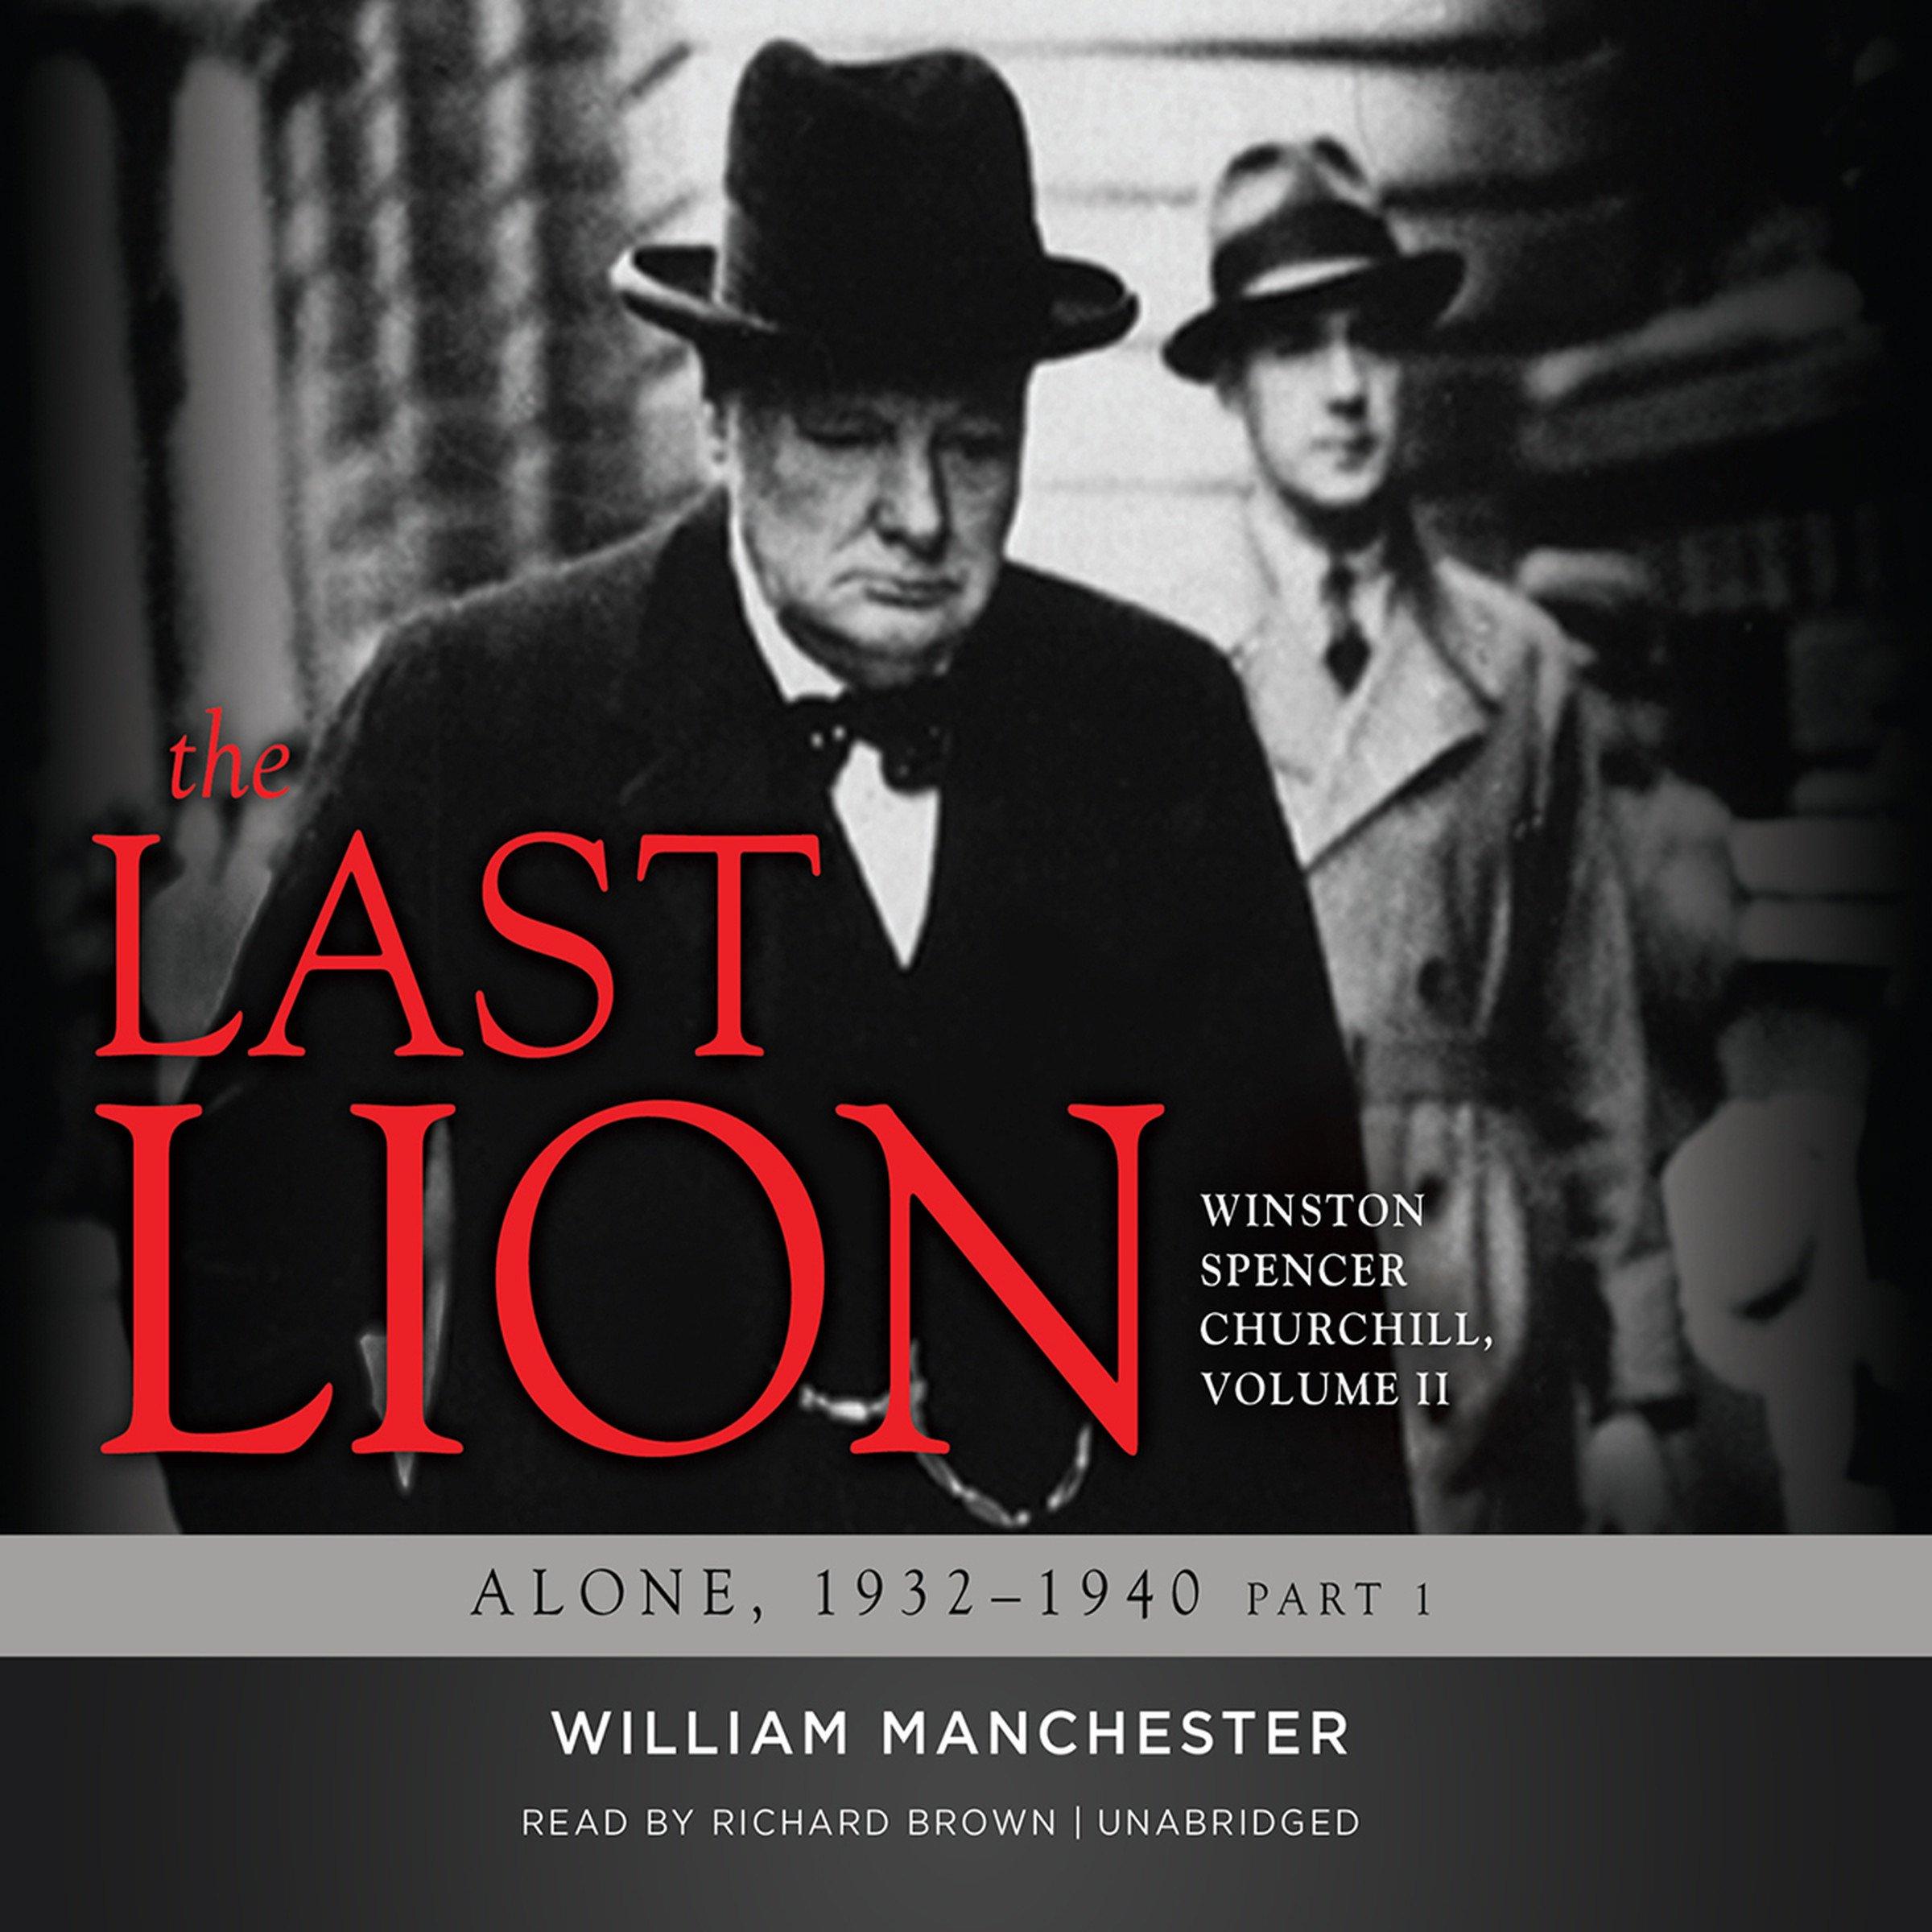 The Last Lion: Winston Spencer Churchill, Volume II: Alone, 1932-1940: Winston Spencer Churchill, Volume II: Alone, 1932-1940